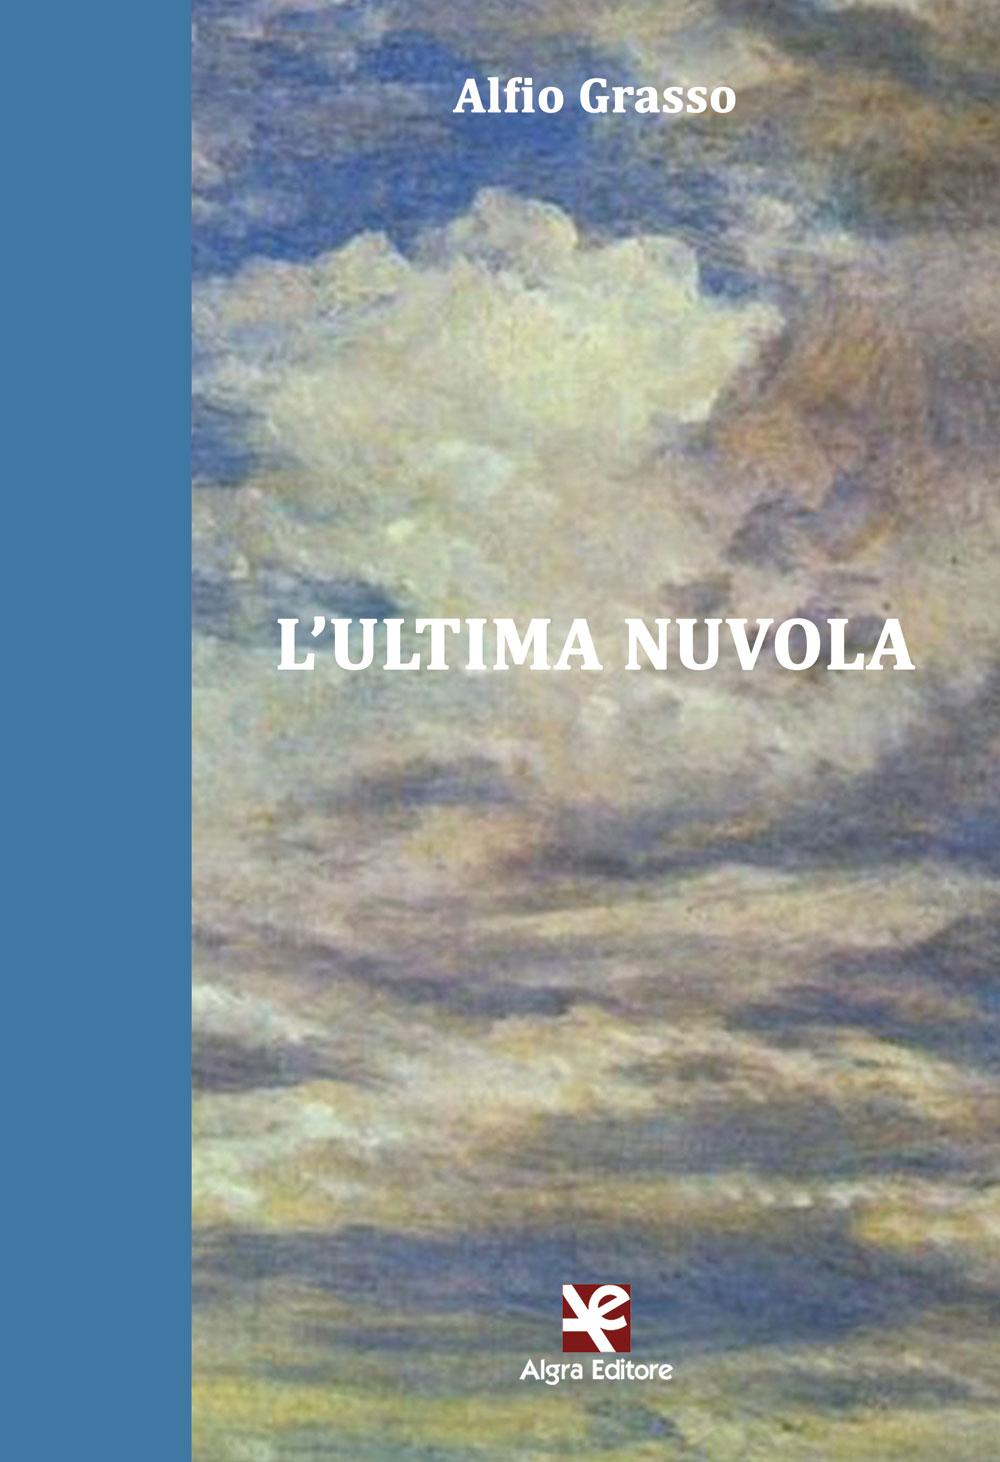 Alfio Grasso - L'ultima nuvola